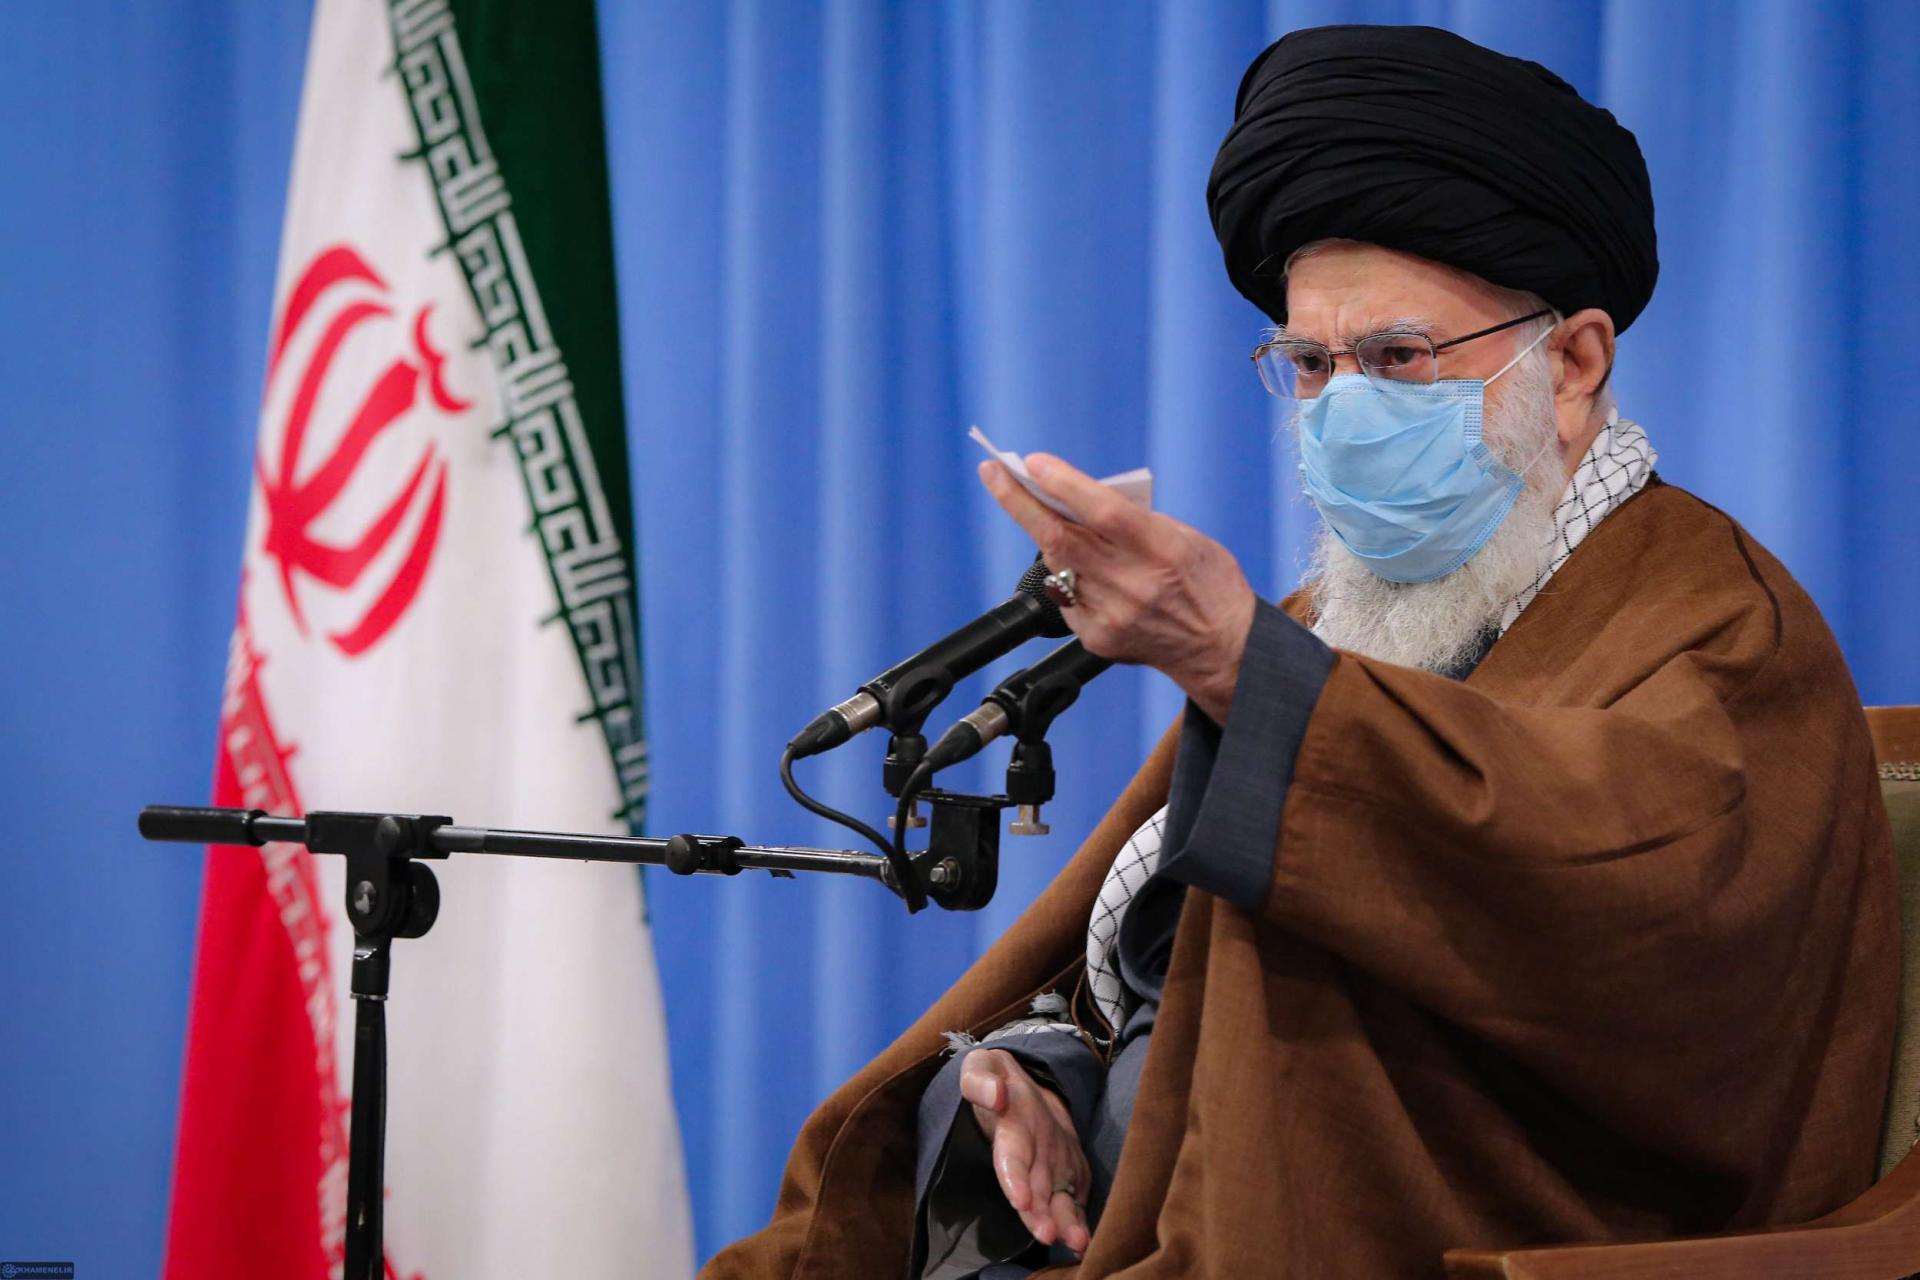 تقرير أمريكي: بروز خلافات بين الولايات المتحدة وإسرائيل بشأن نووي إيران